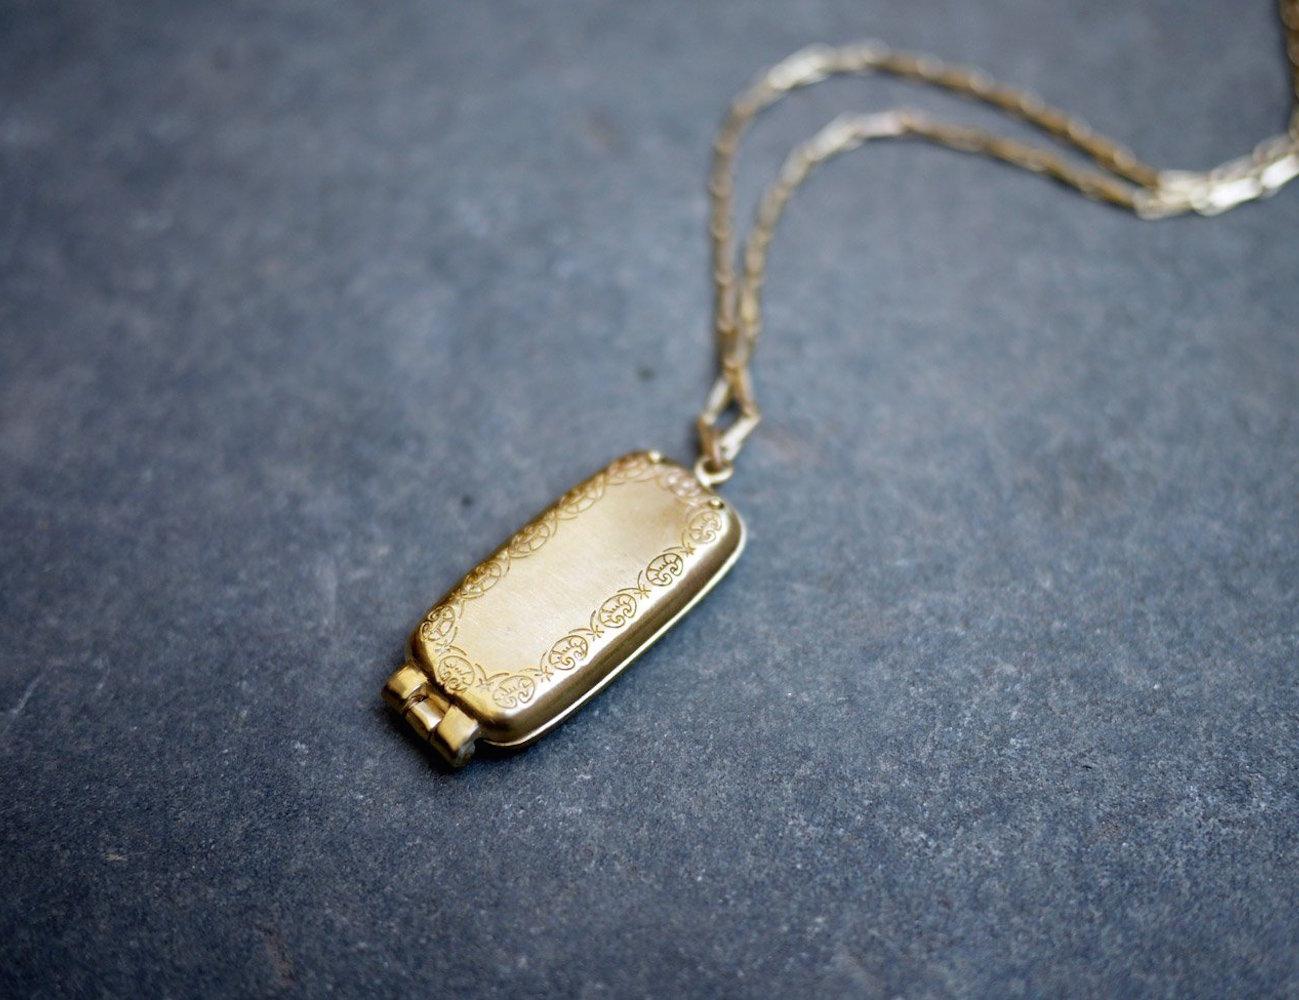 Старие не найдение китайские медальёны фото 18 фотография